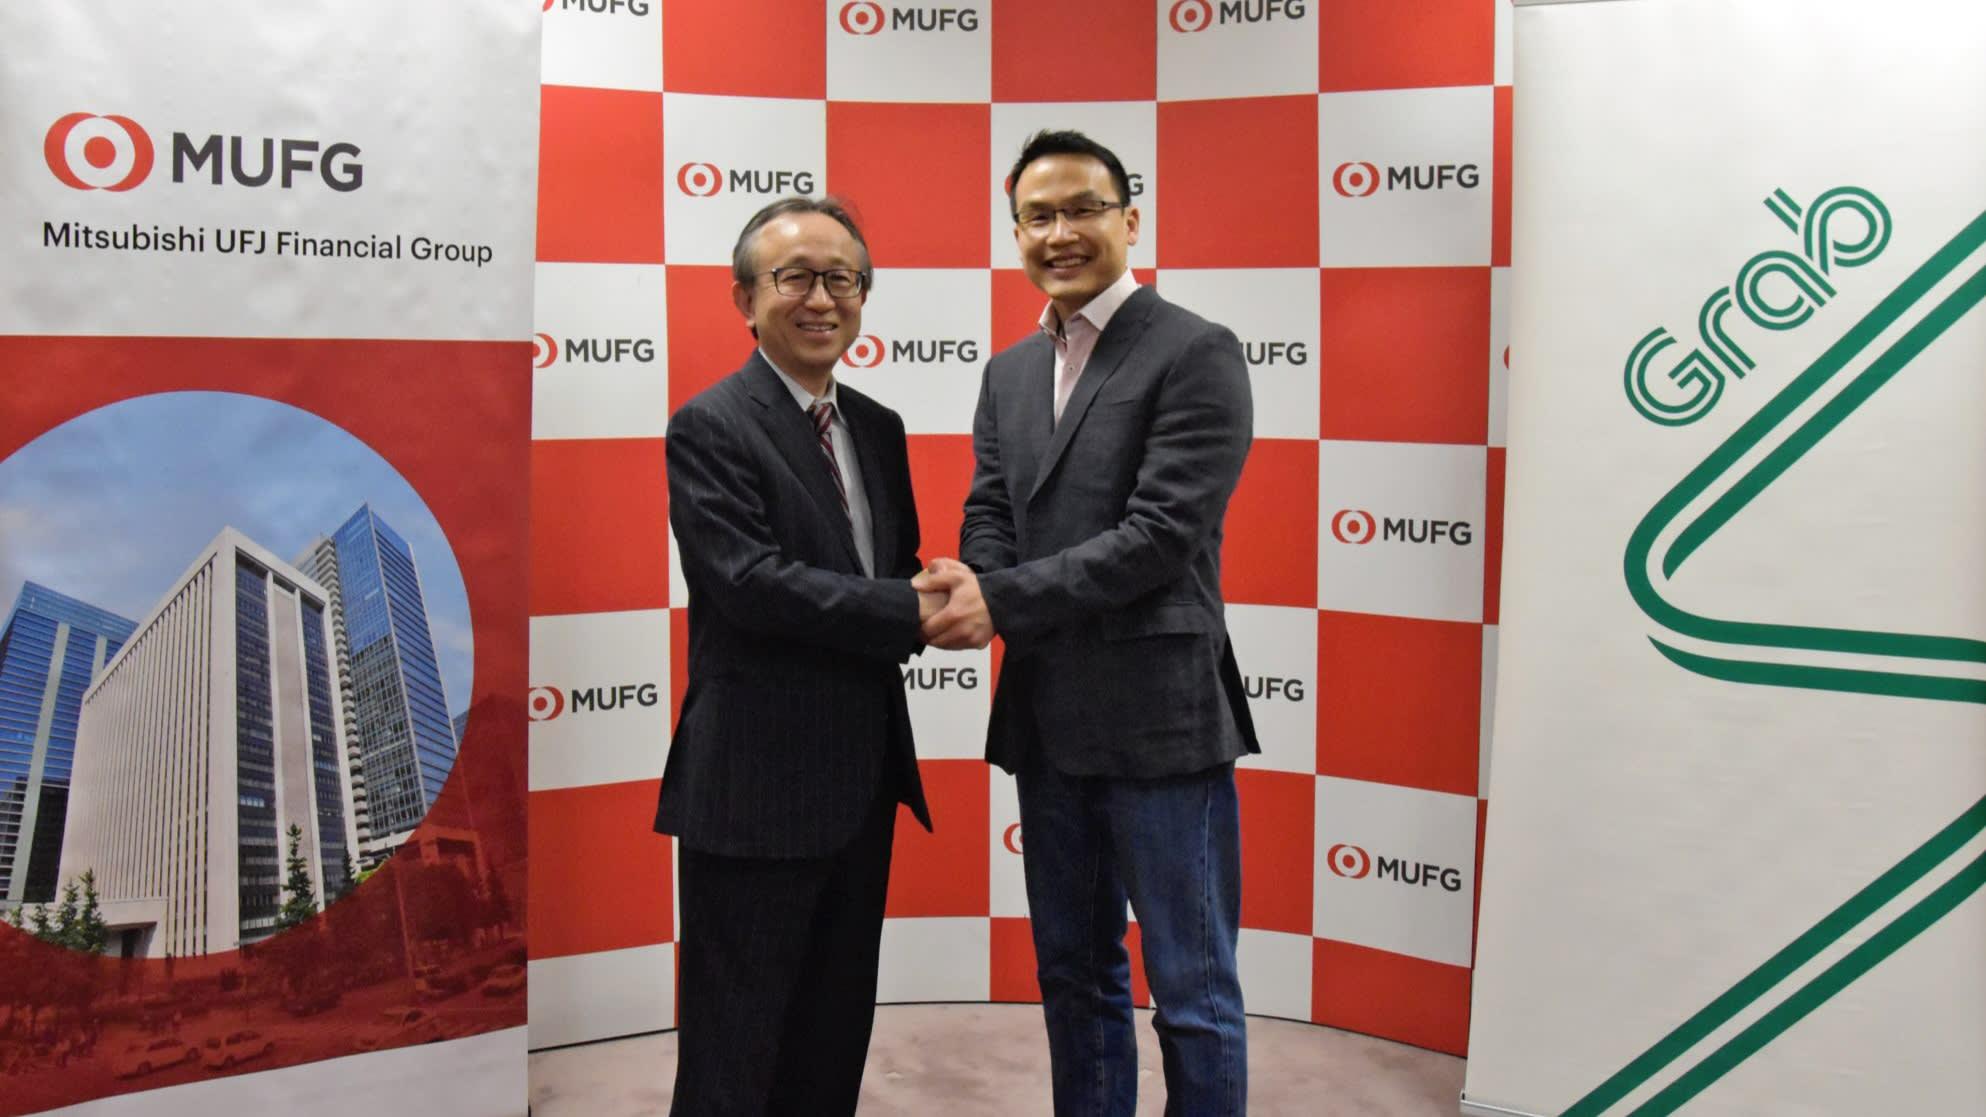 3 bất ngờ khiến nhà băng lớn nhất Nhật Bản chi 80 tỉ yên đầu tư vào Grab - Ảnh 1.